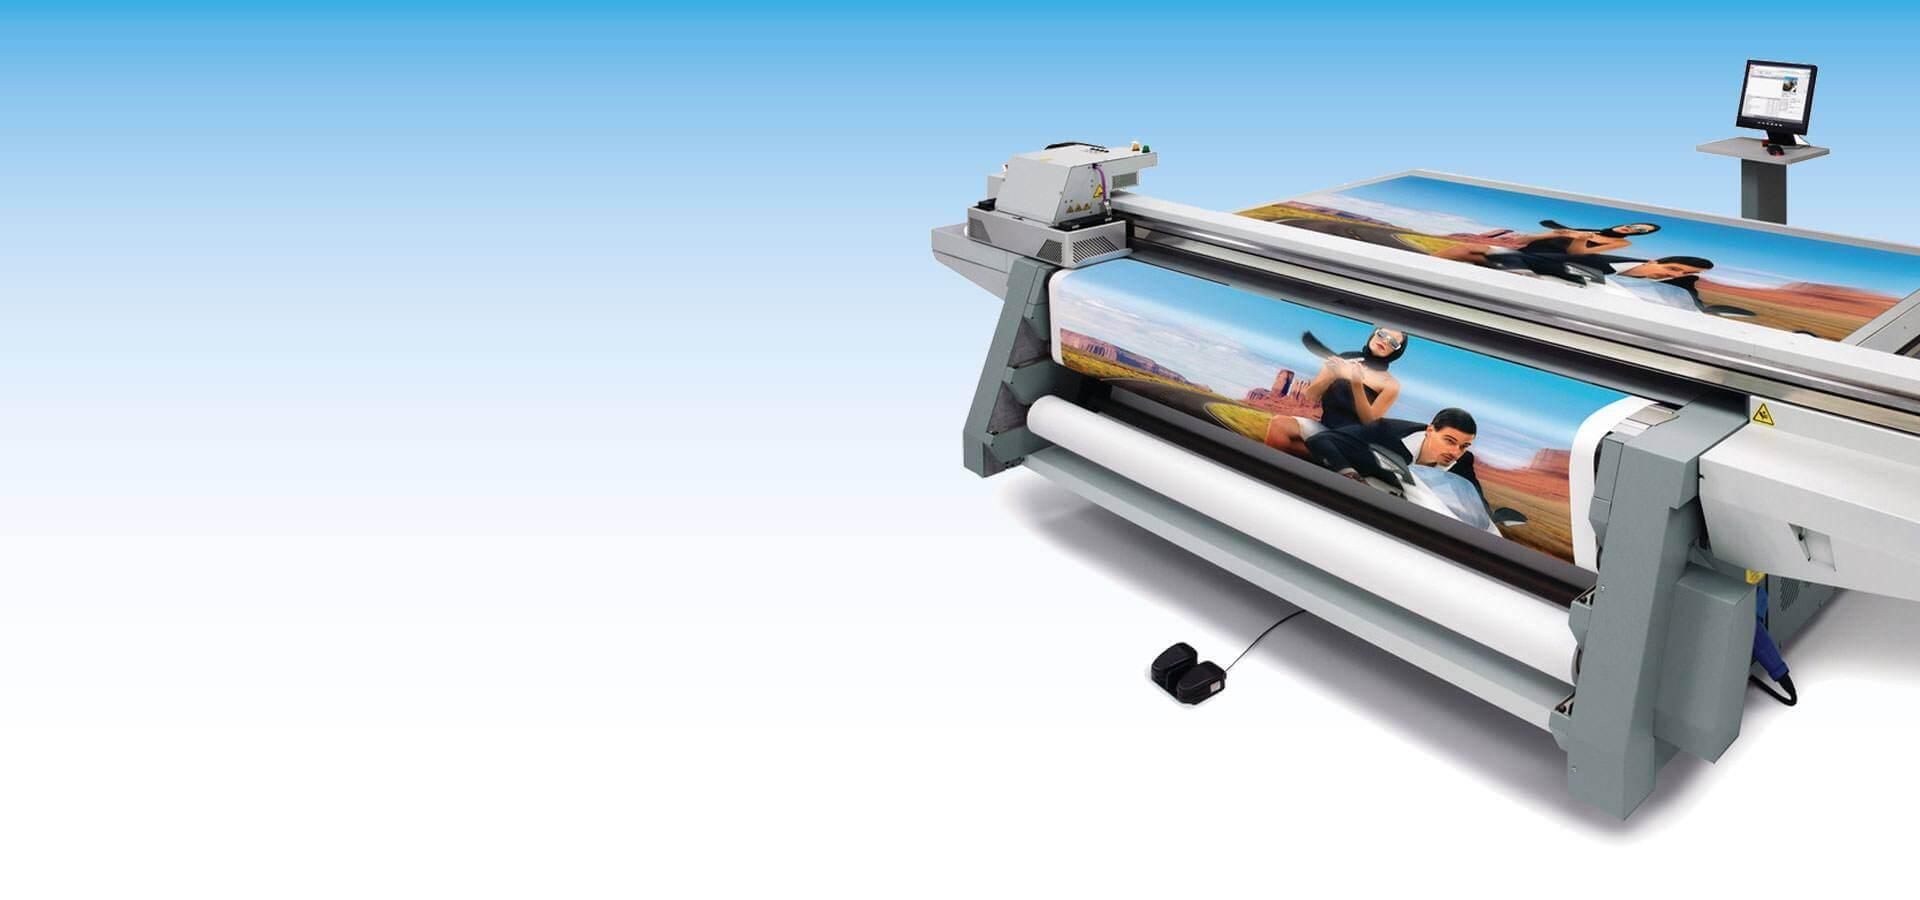 Flyer Prospekte Im Digitaldruck Für Kleinere Auflagen